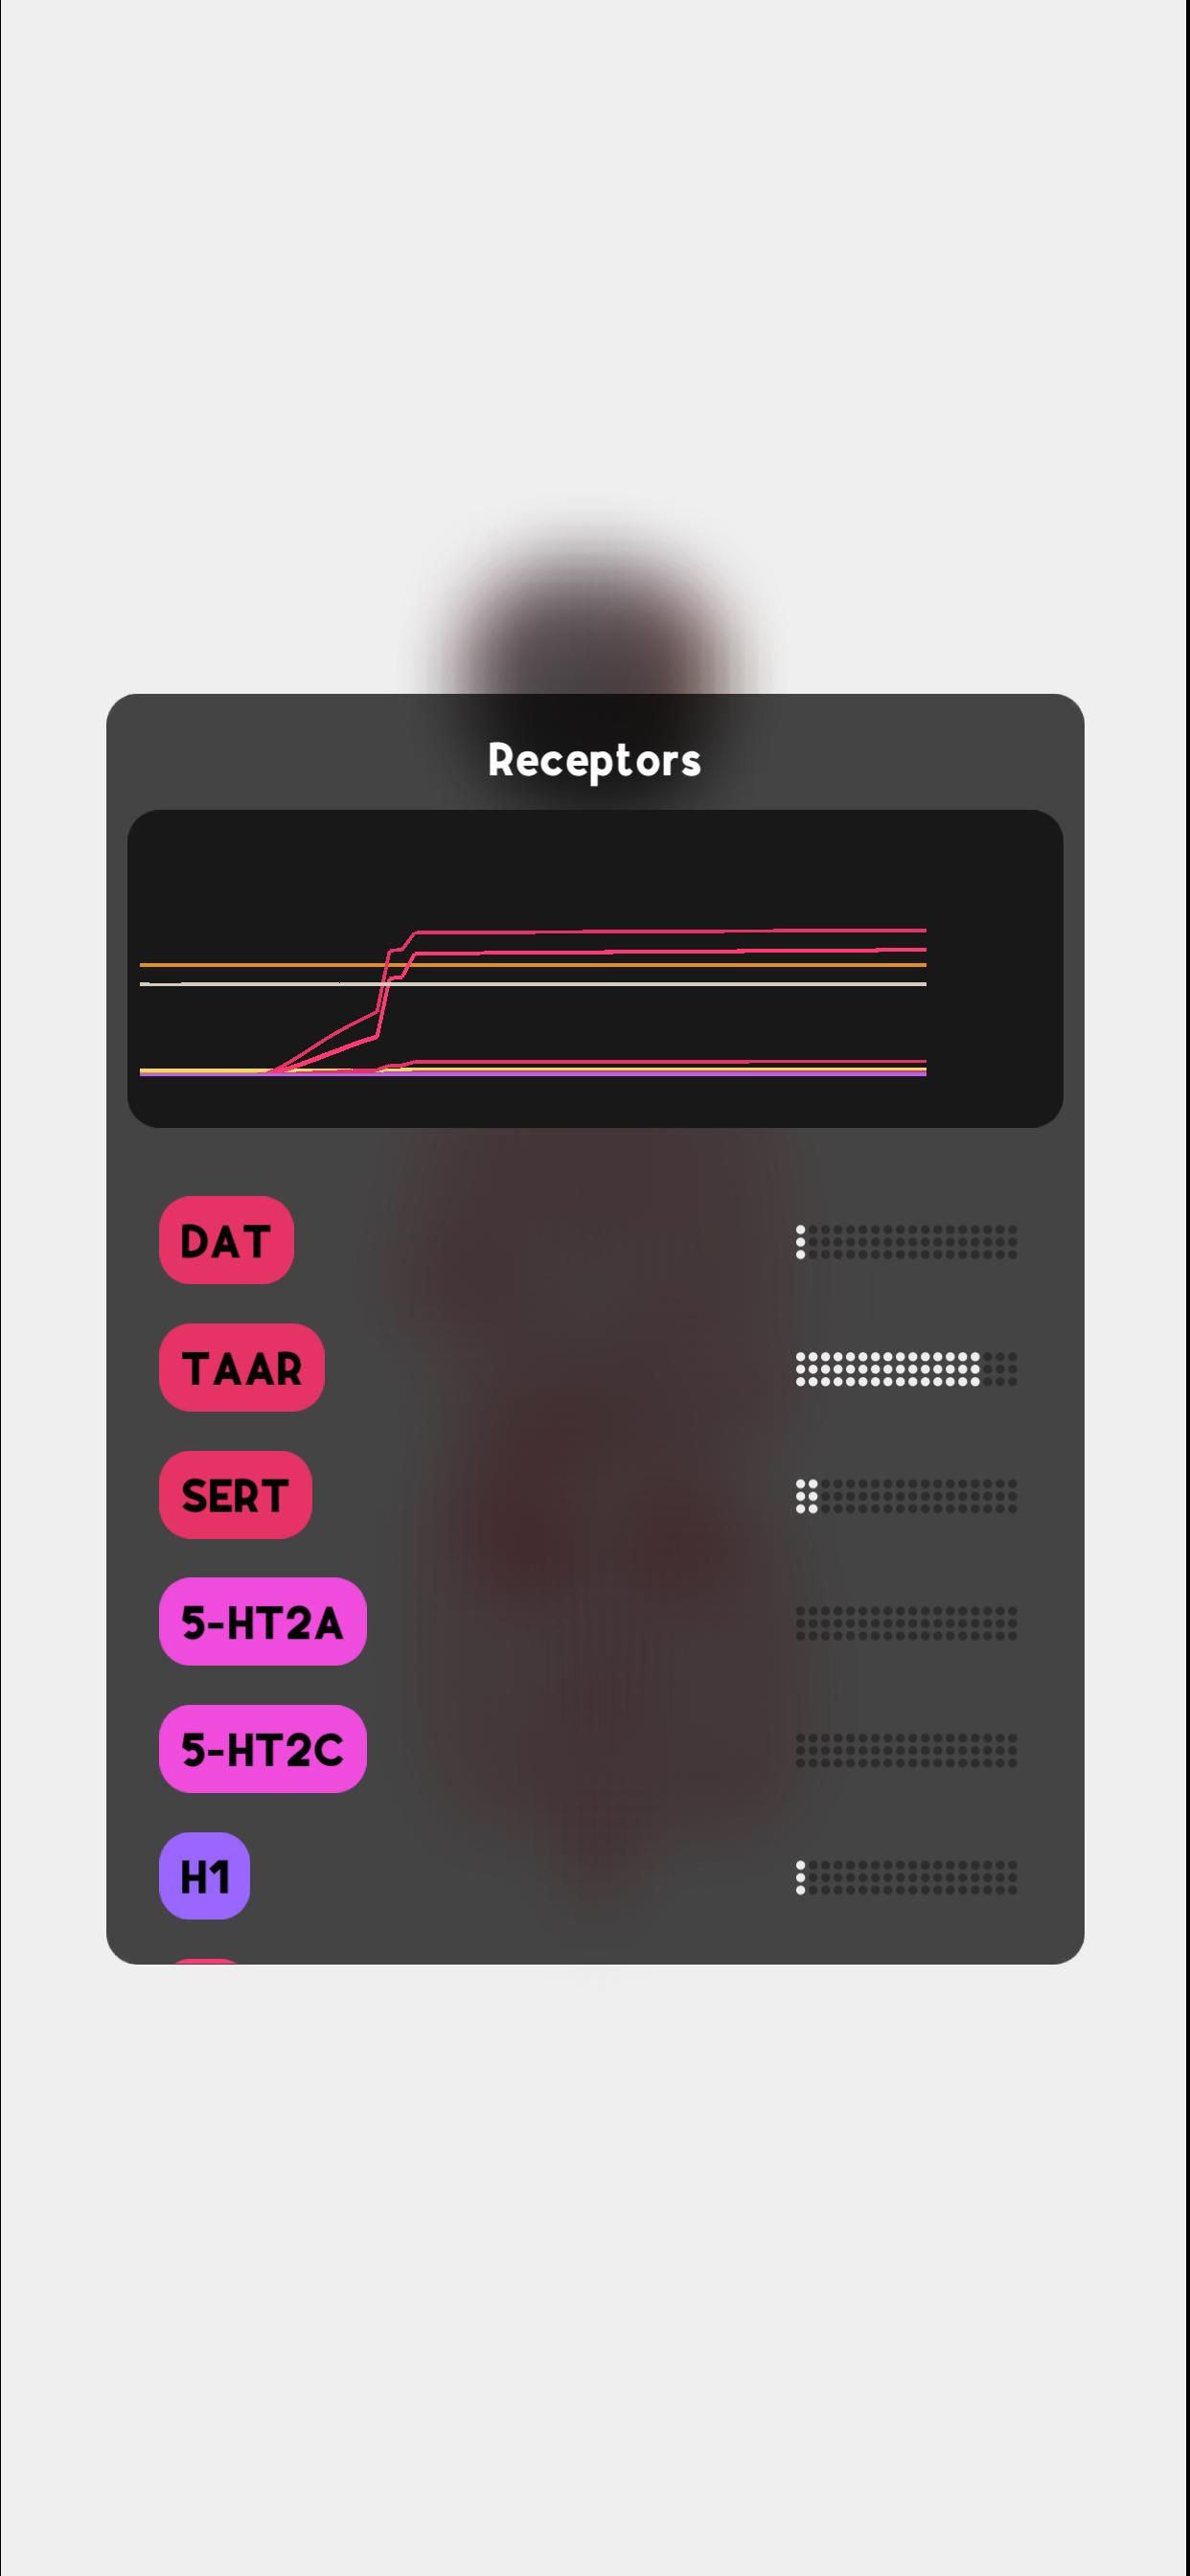 Receptor-1.png